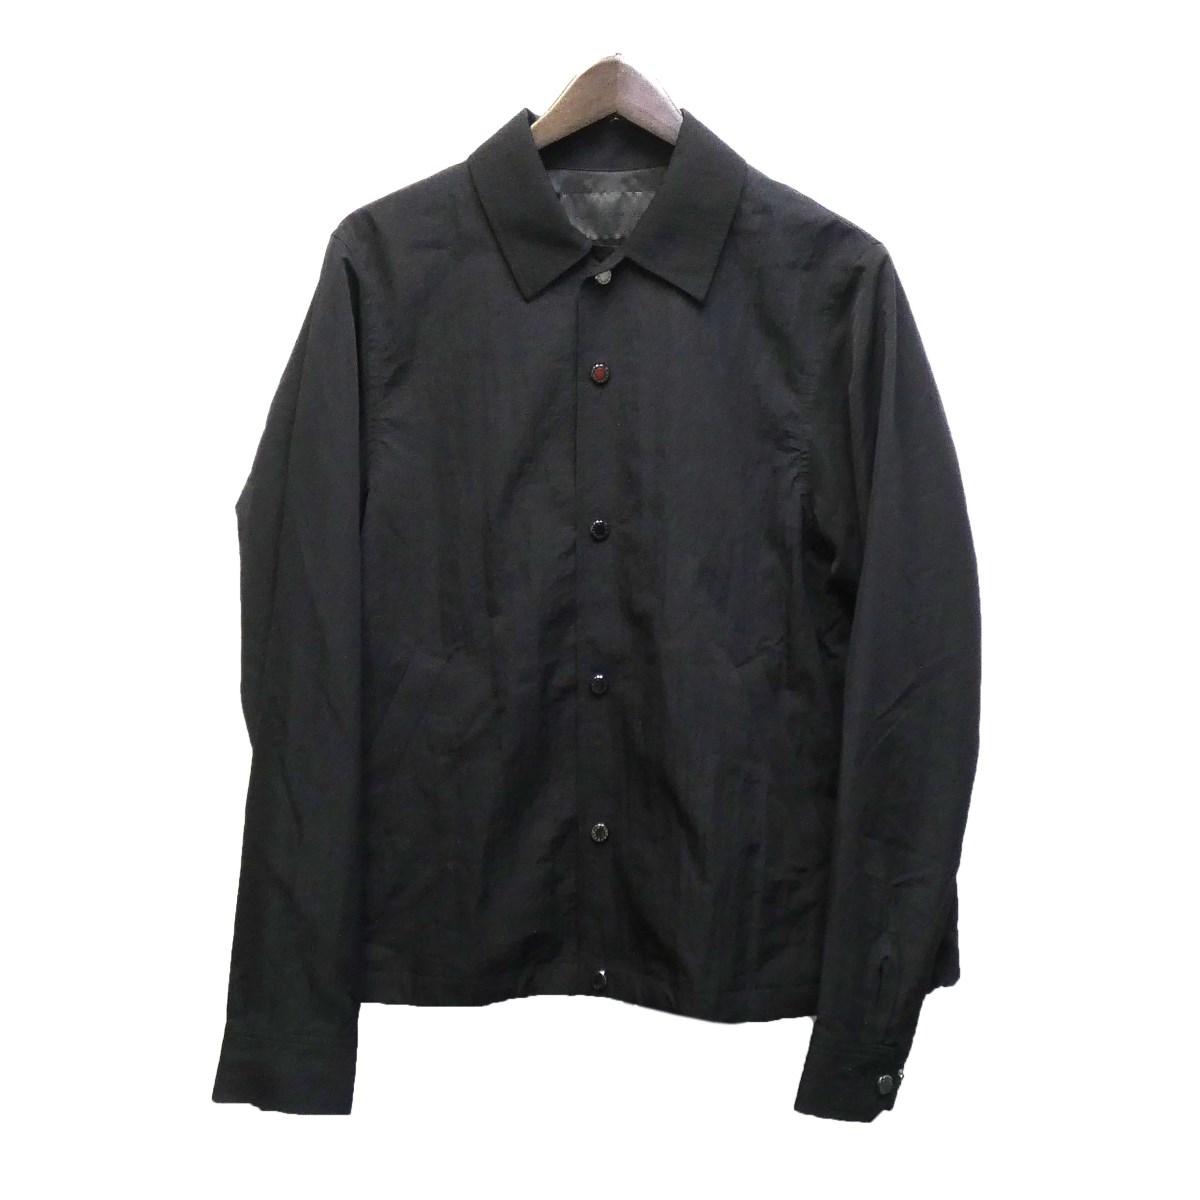 【中古】FUMITO GANRYU 20SS 「WATTEAU PLEATS COACH JACKET」 コーチジャケット ブラック サイズ:1 【300320】(フミトガンリュウ)